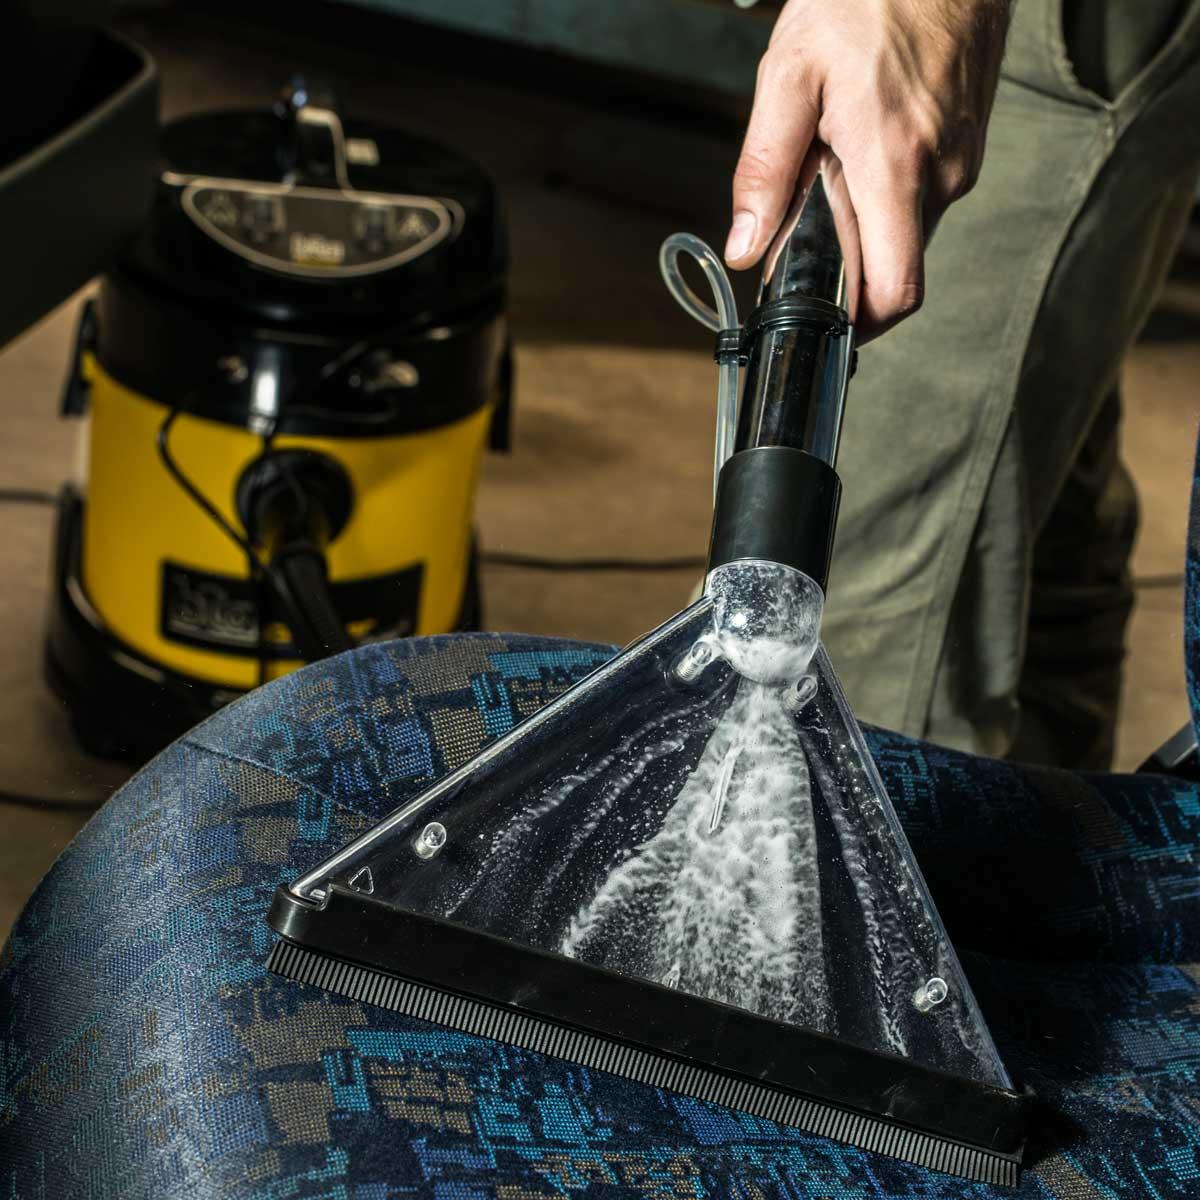 Aspiradora lava tapizados aspirando liquido.